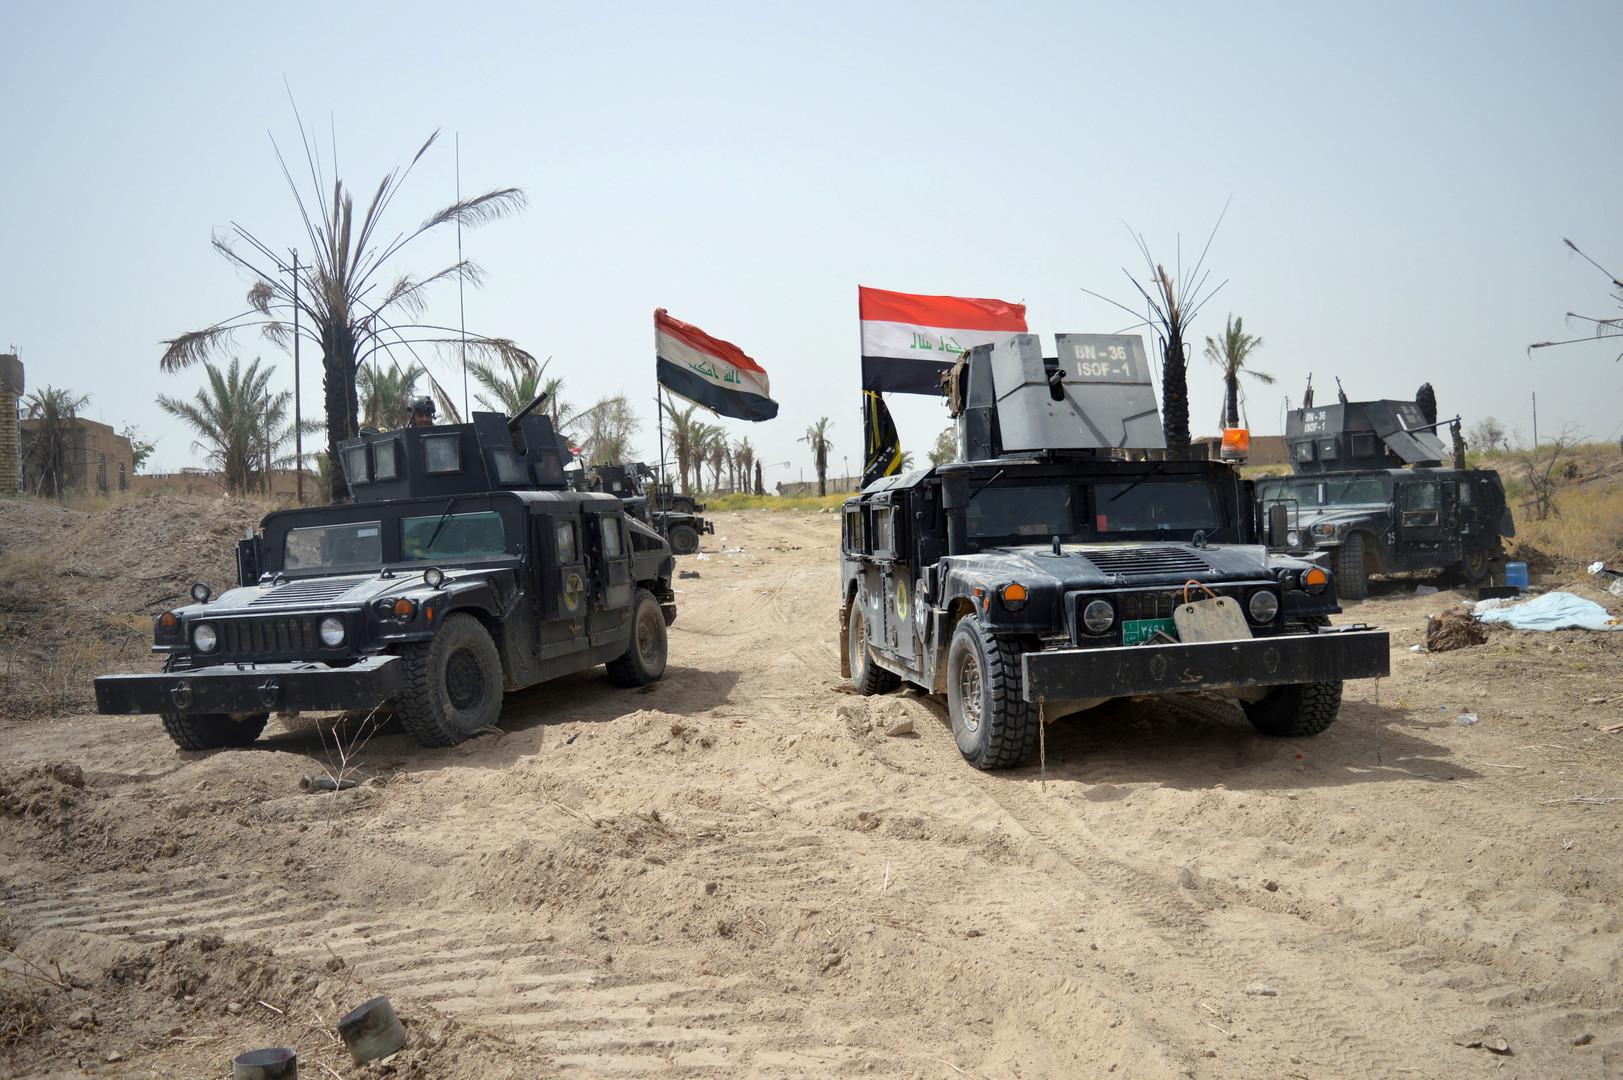 Les véhicules blindés de l'armée irakienne